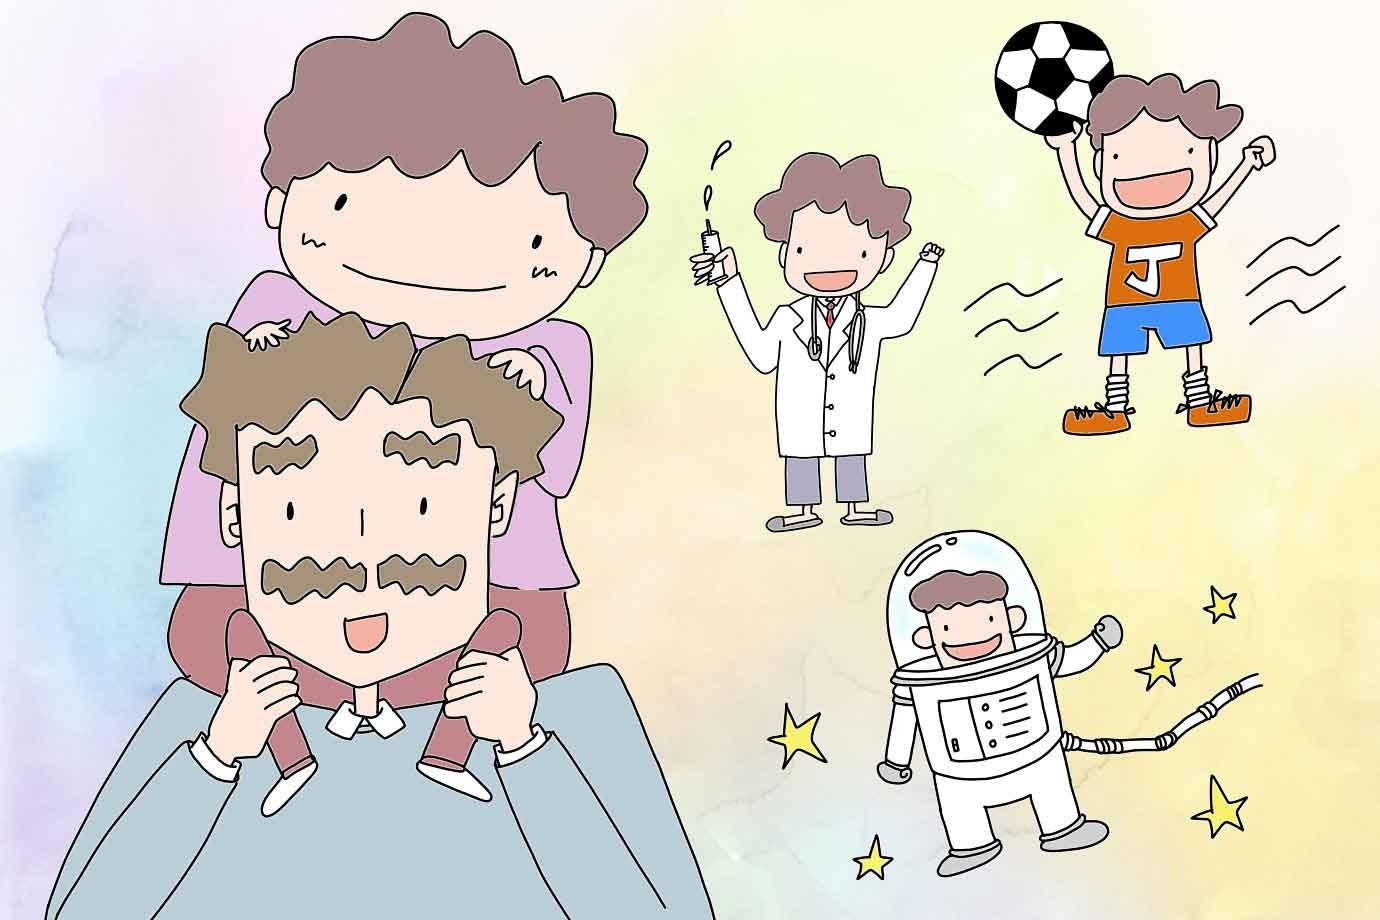 パパの子育ては、子どもの成長・発達にどのような影響を与えるのでしょうか